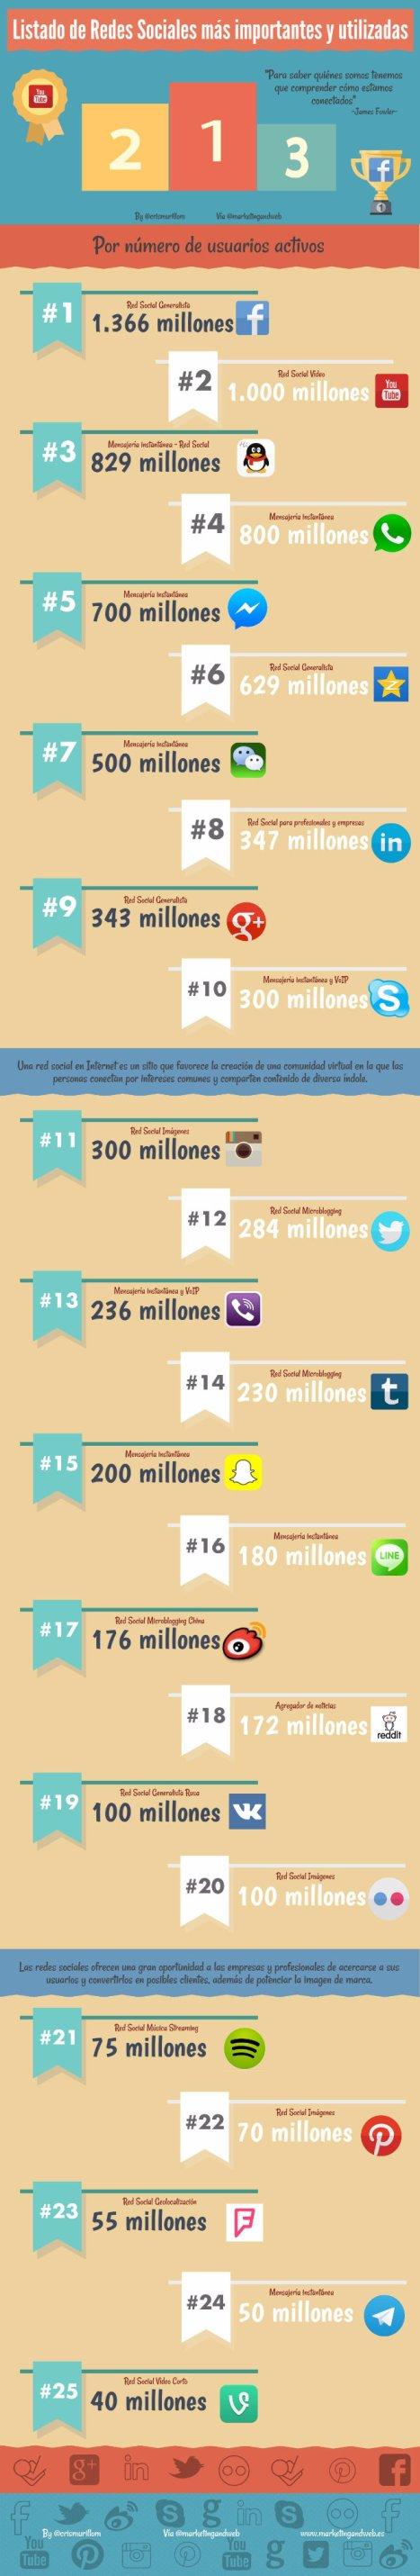 Lista-de-redes-sociales-mas-importantes-y-mas-utilizadas-infografia